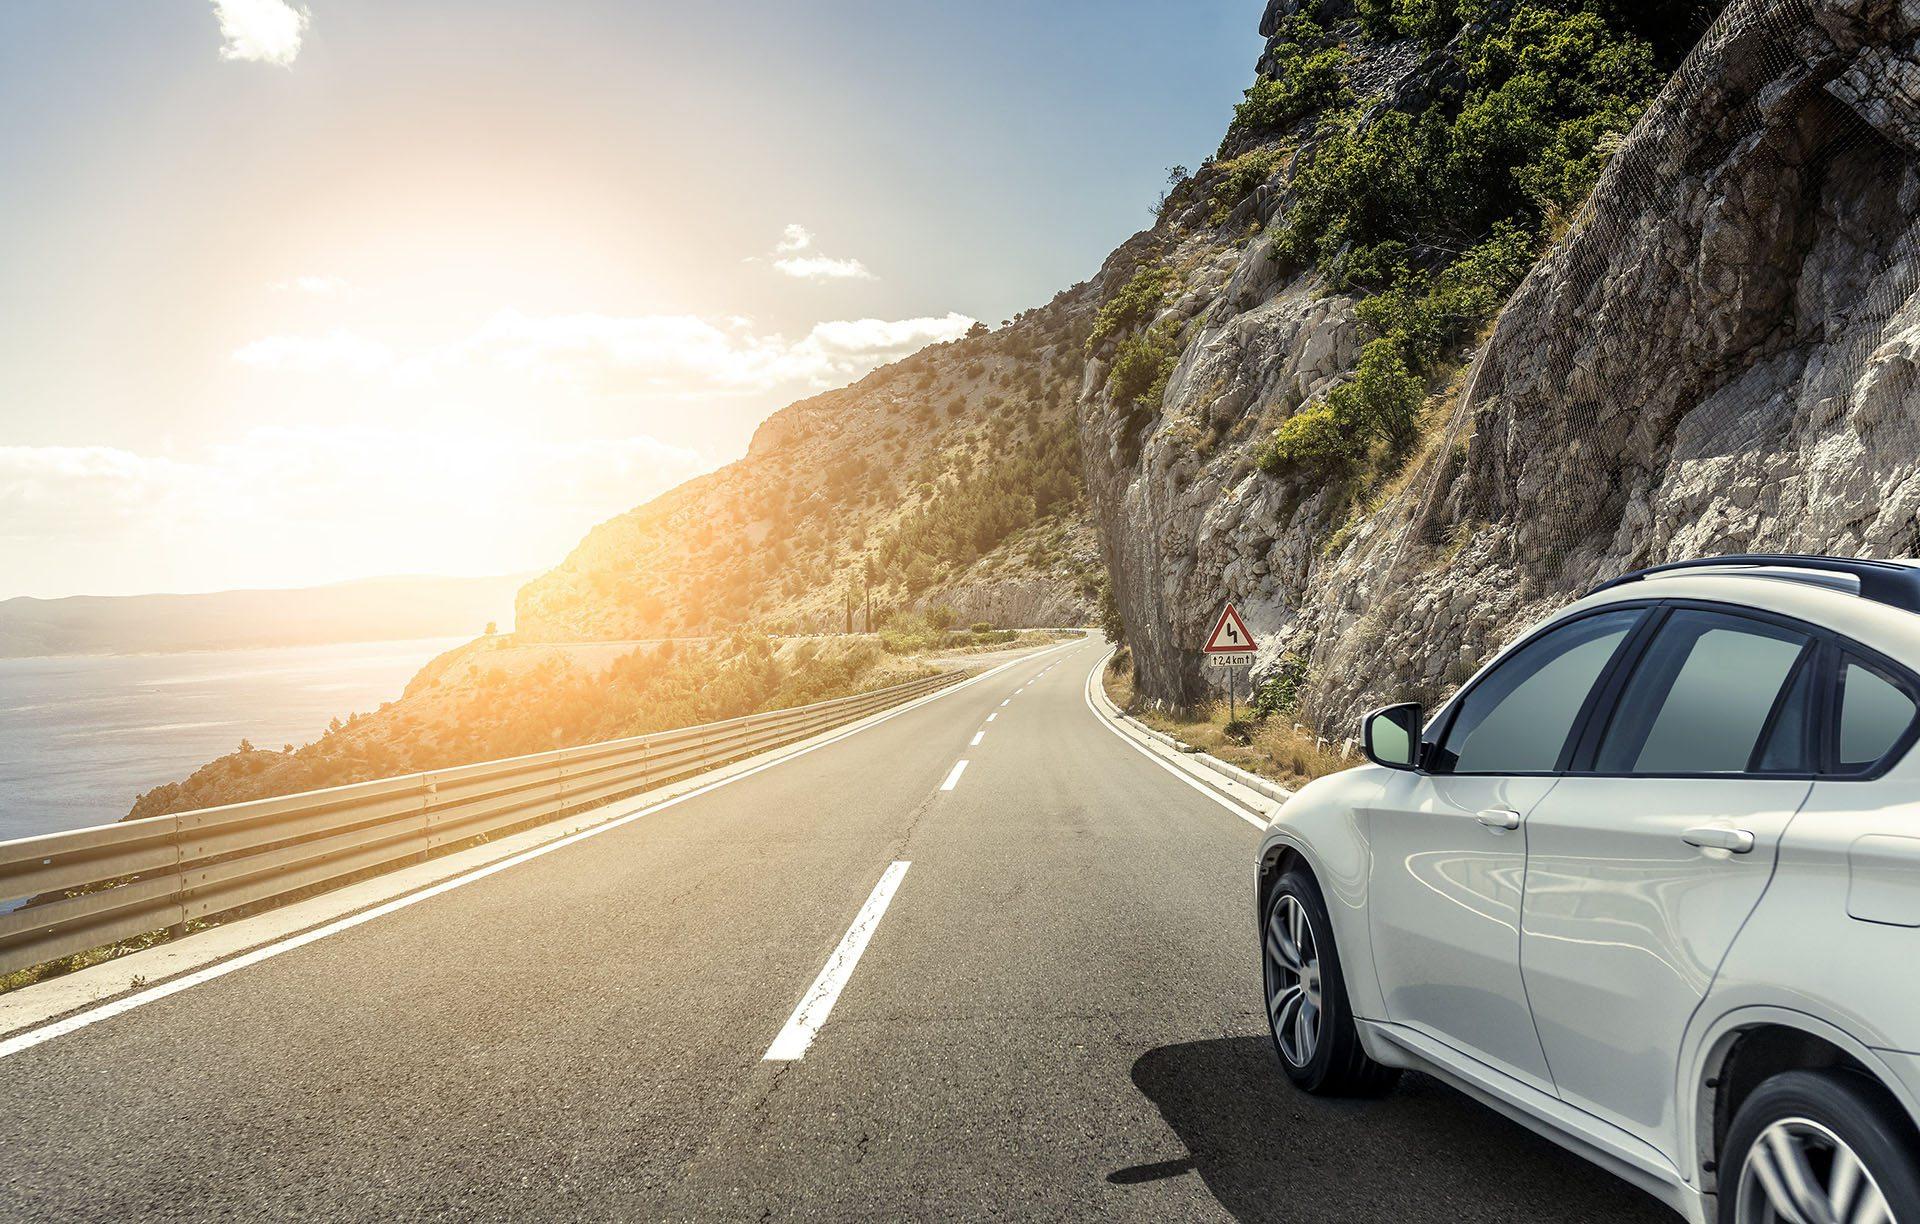 Quelle voiture familiale choisir pour partir en vacances ?